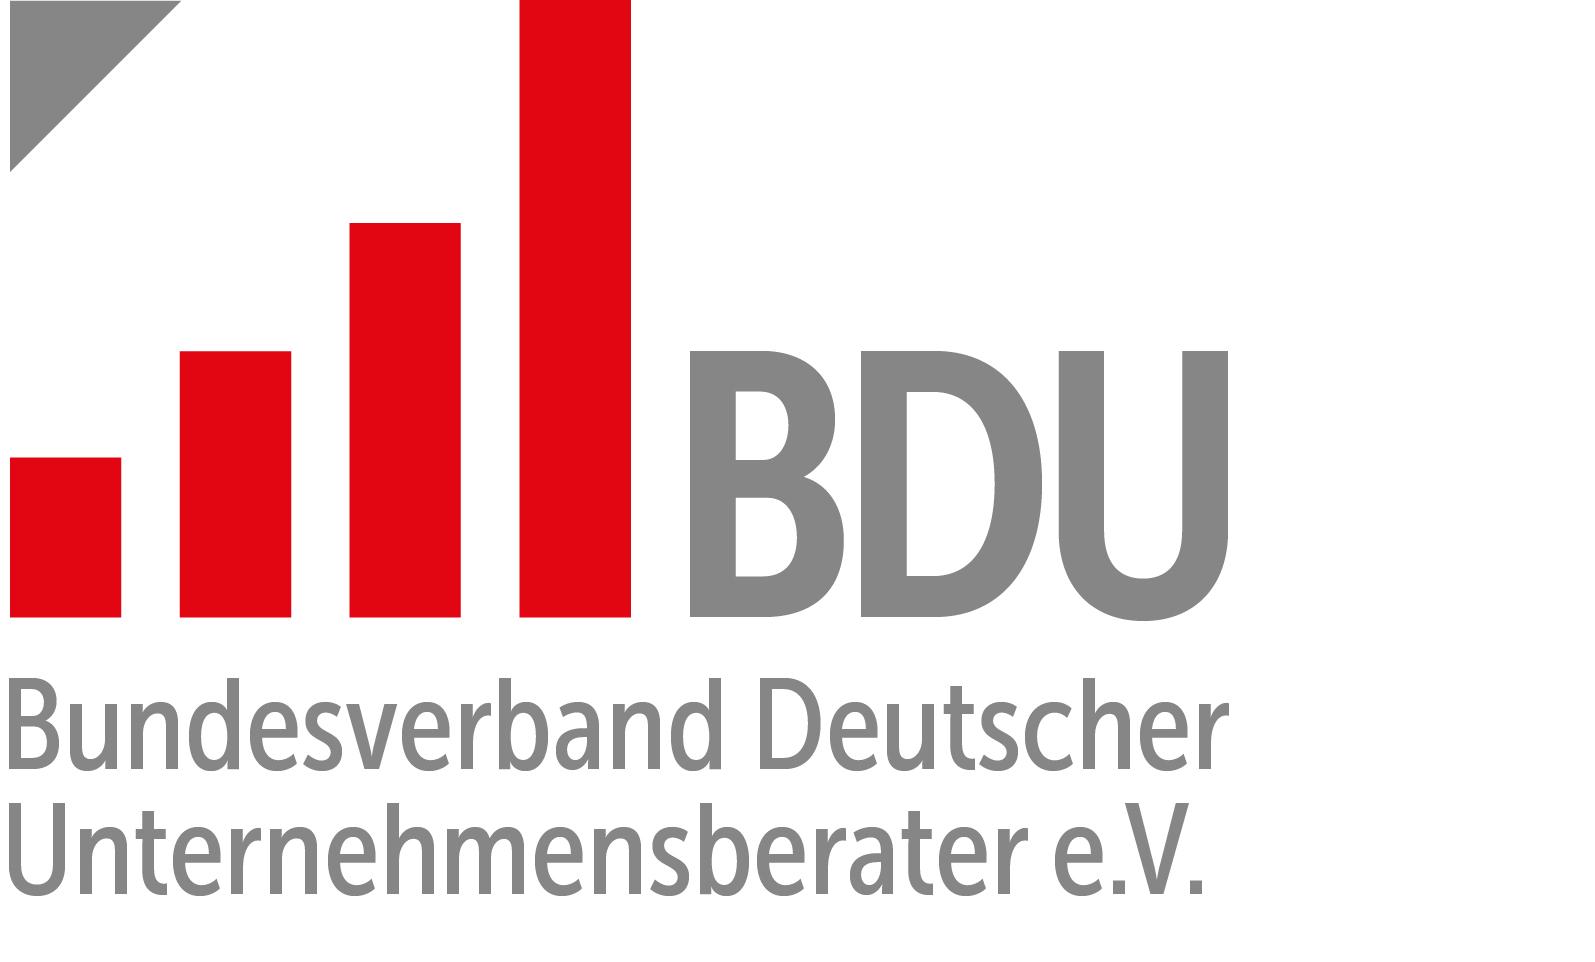 Bundesverband deutscher Unternehmensberatungen